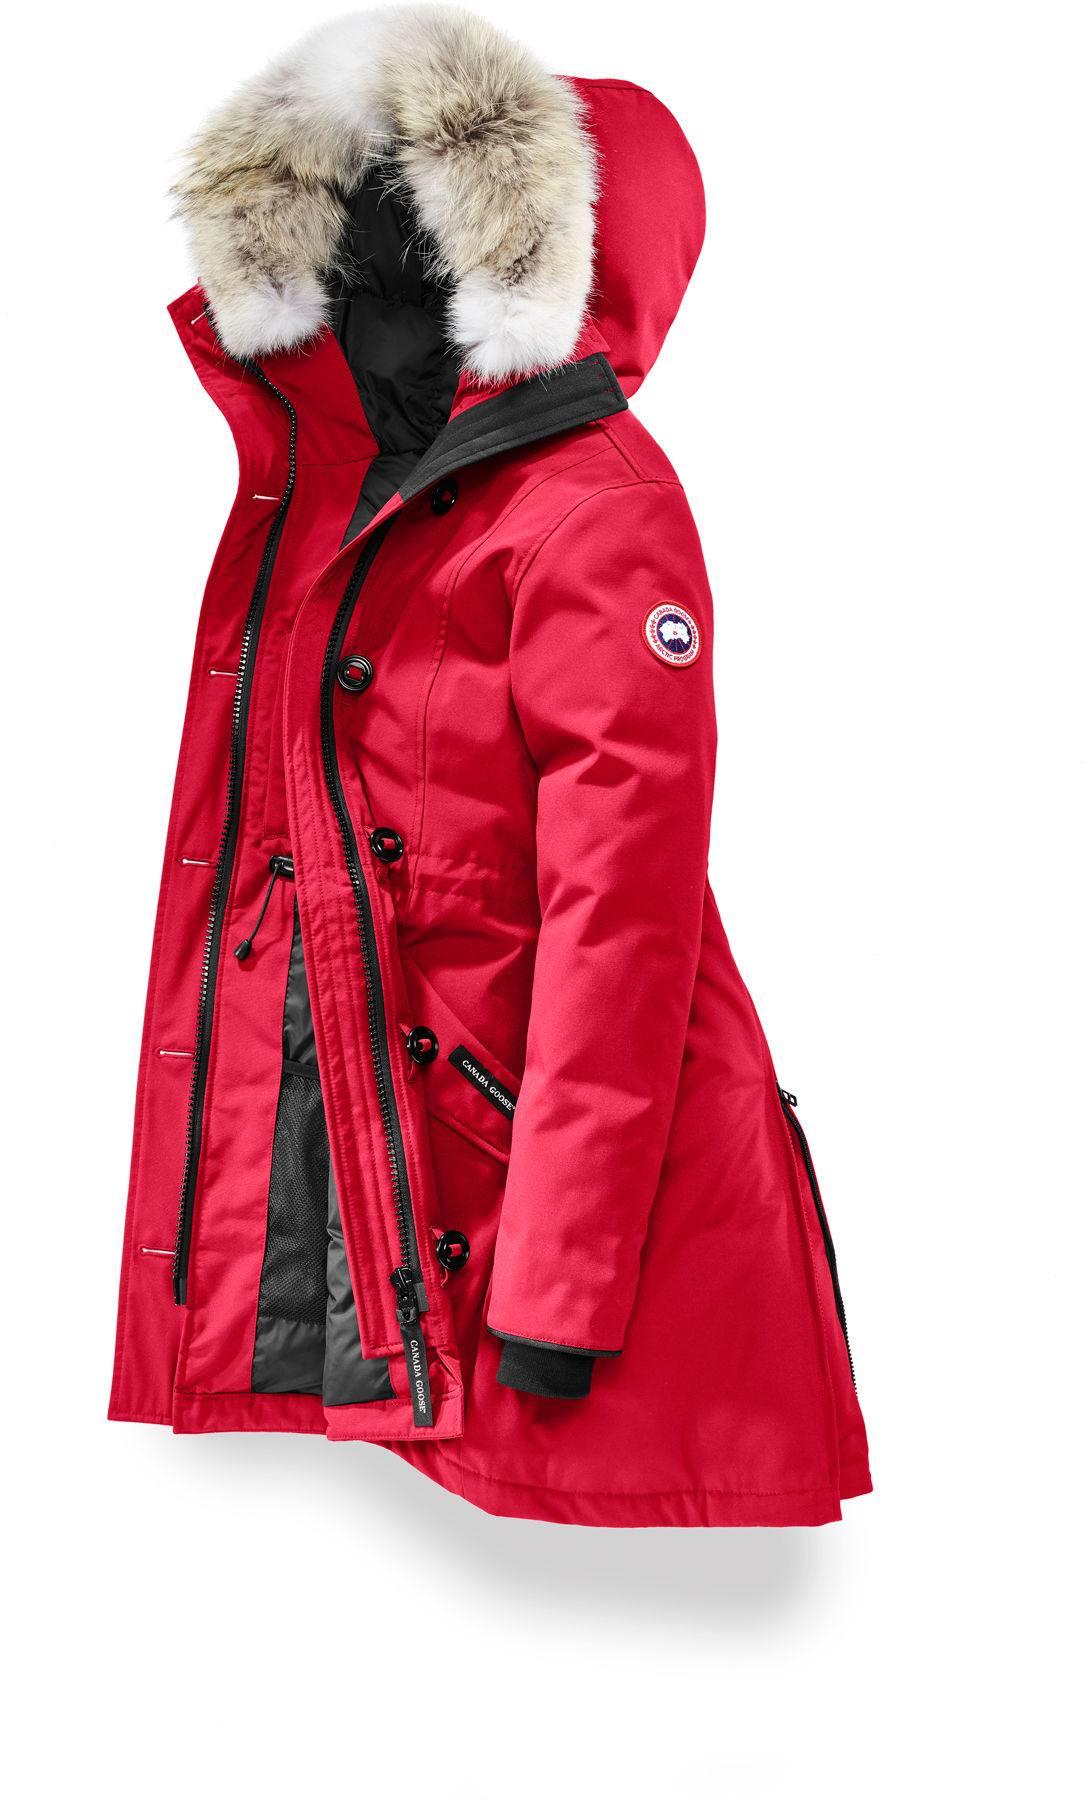 Rab outdoor coats